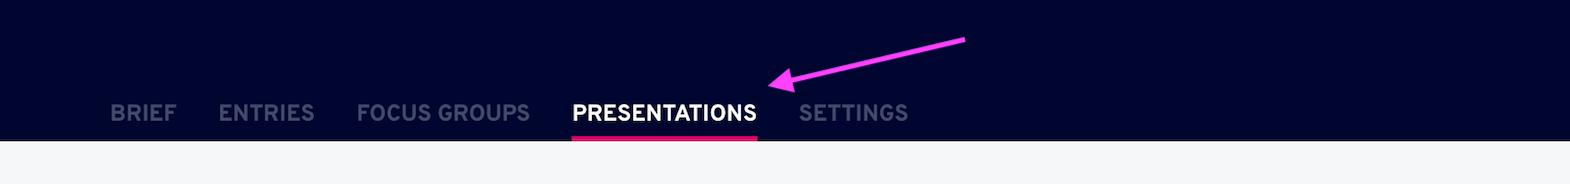 presentation tab dashboard